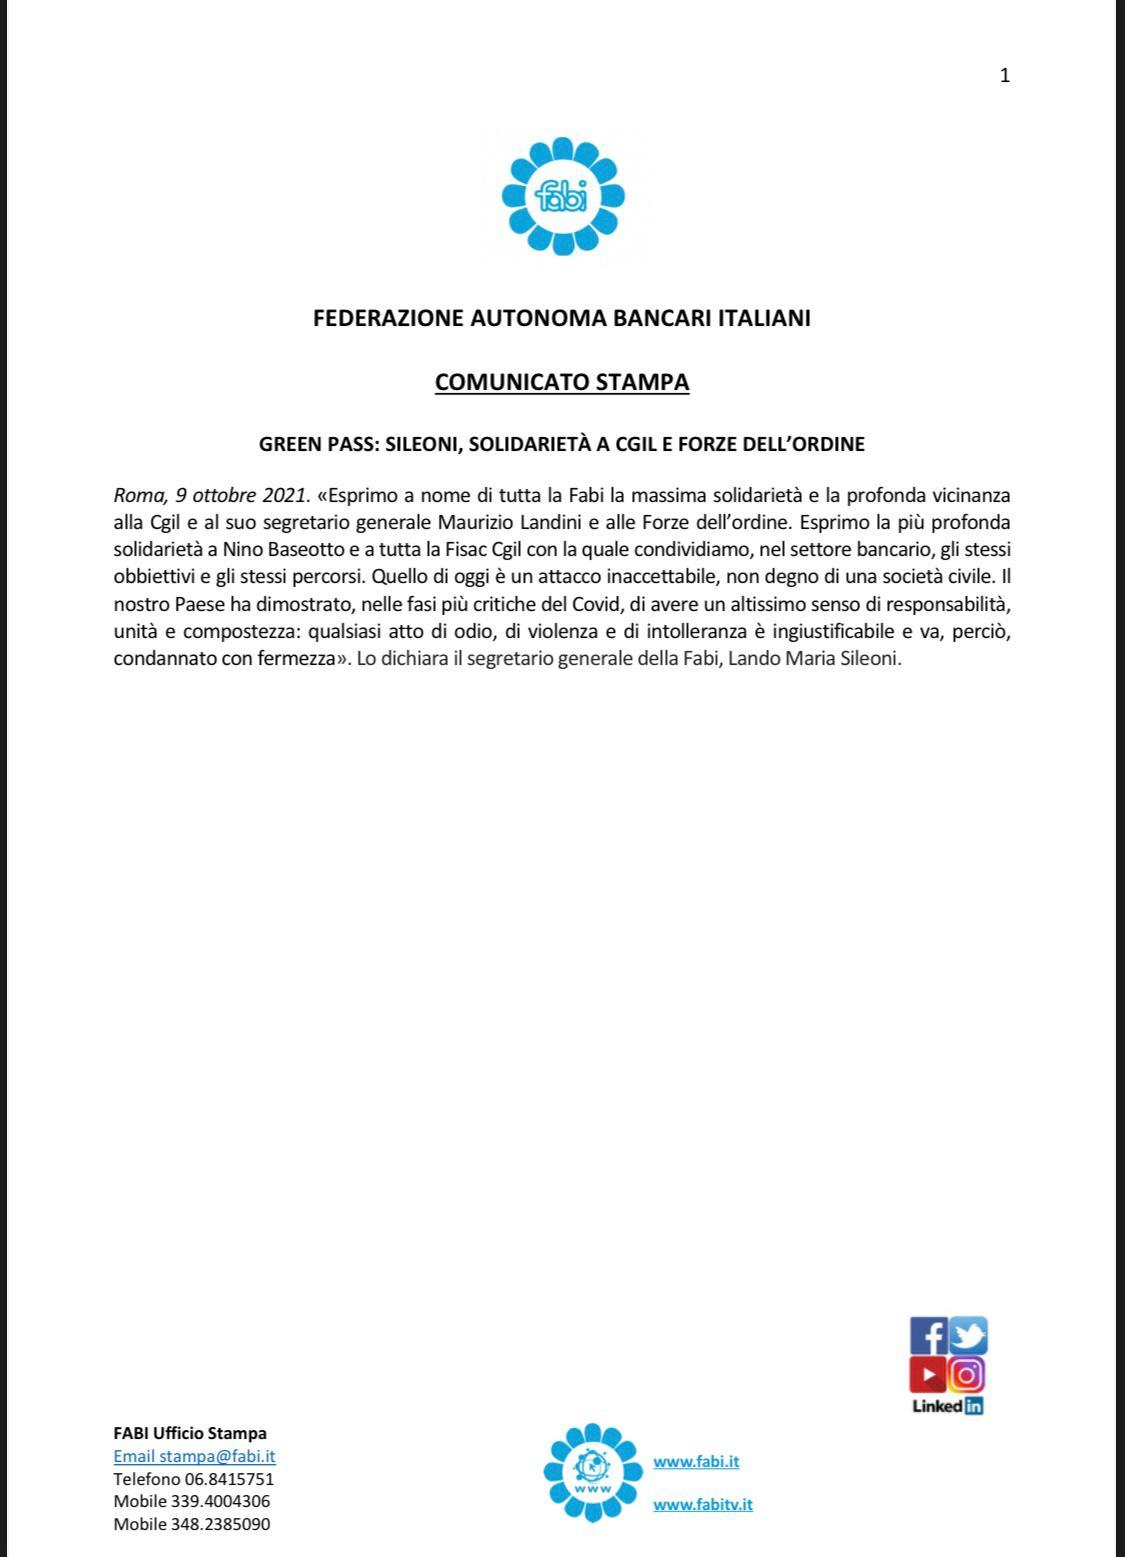 Sileoni: solidarietà a Cgil e forze dell'ordine dopo vile attacco